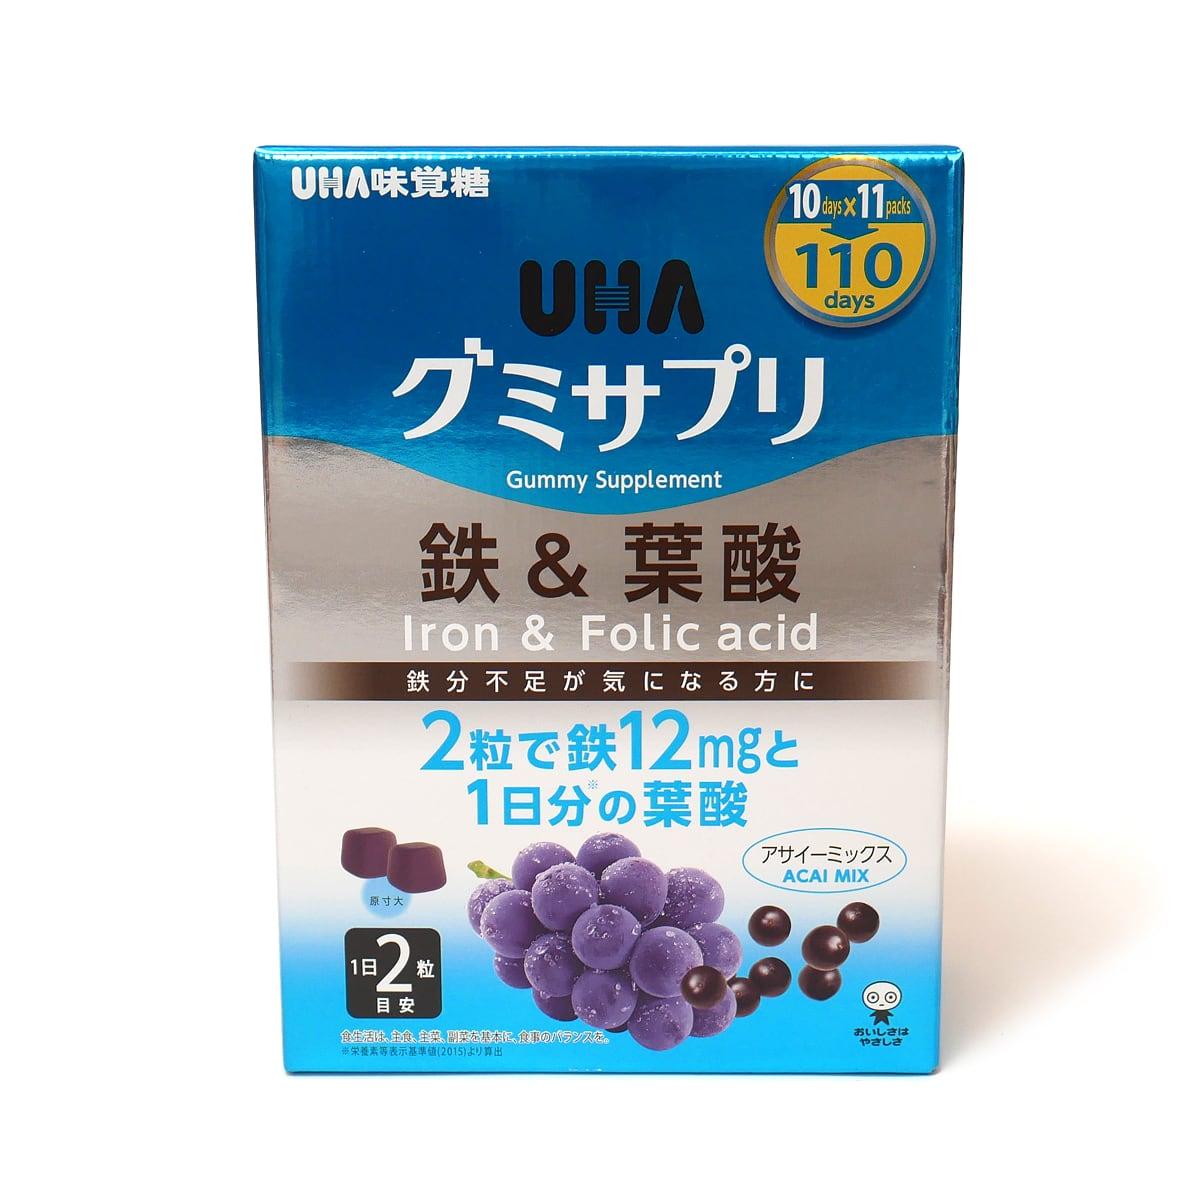 UHAグミサプリ 鉄&葉酸 220粒入 外箱